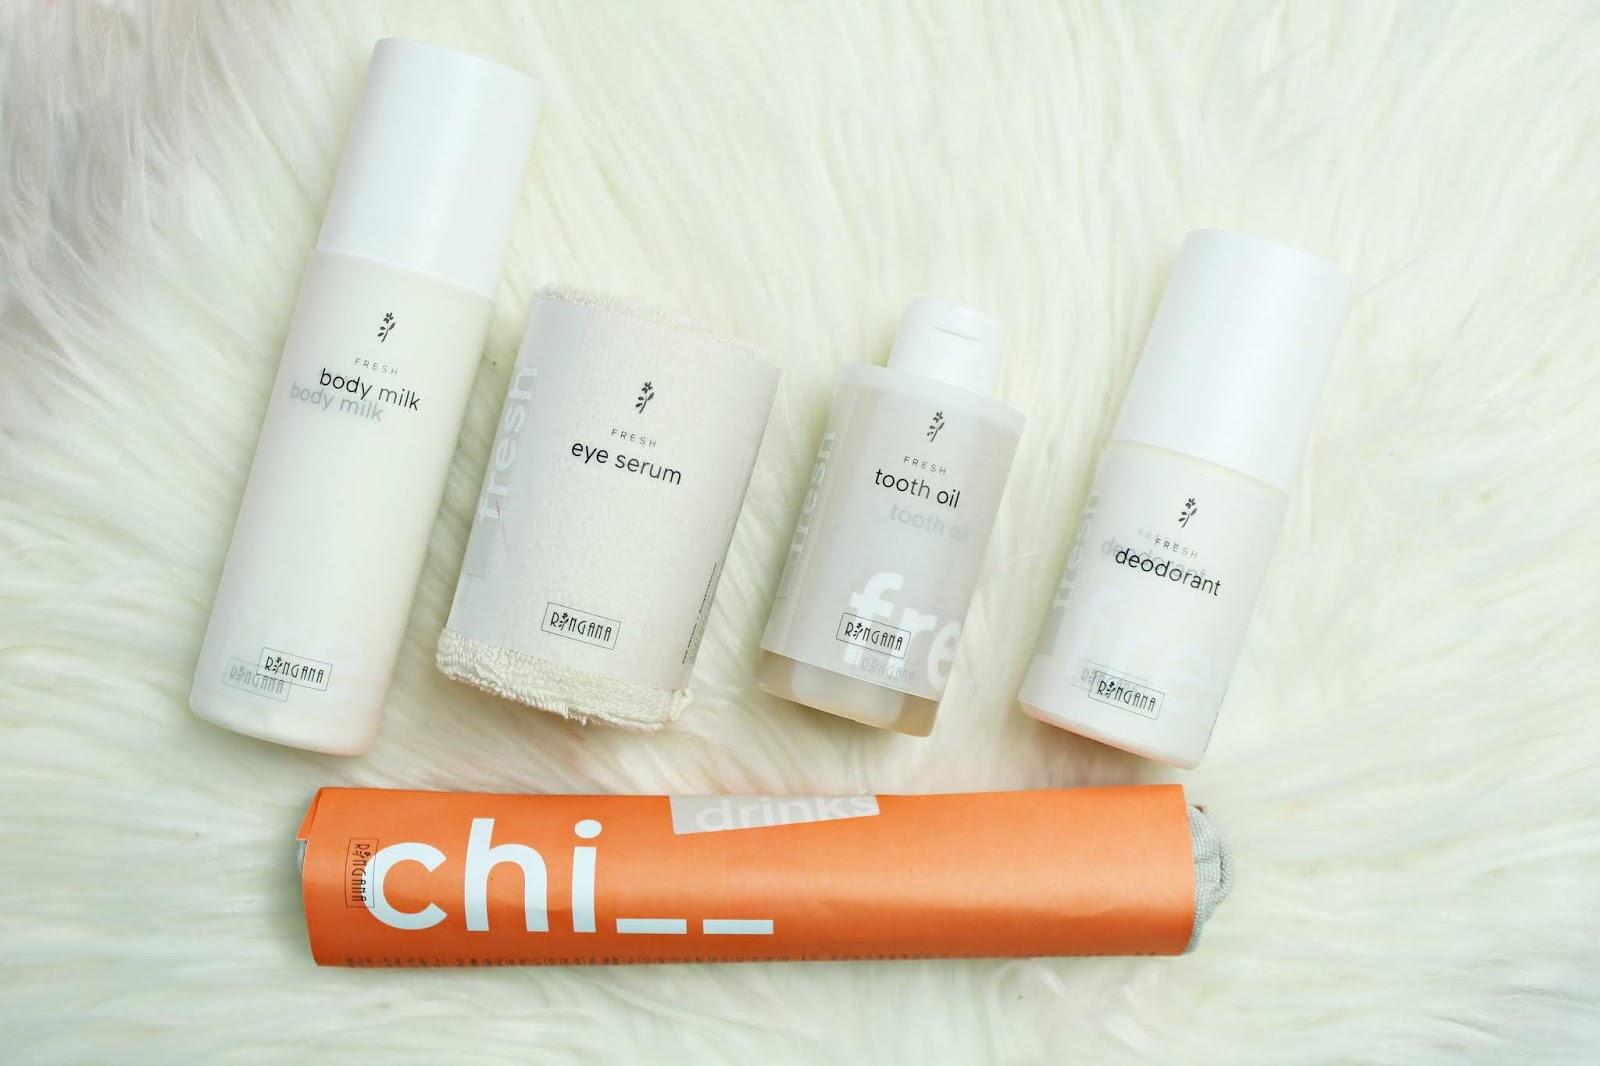 Najwyższa jakość, bezwzględna świeżość - RINGANA - ekologiczne kosmetyki